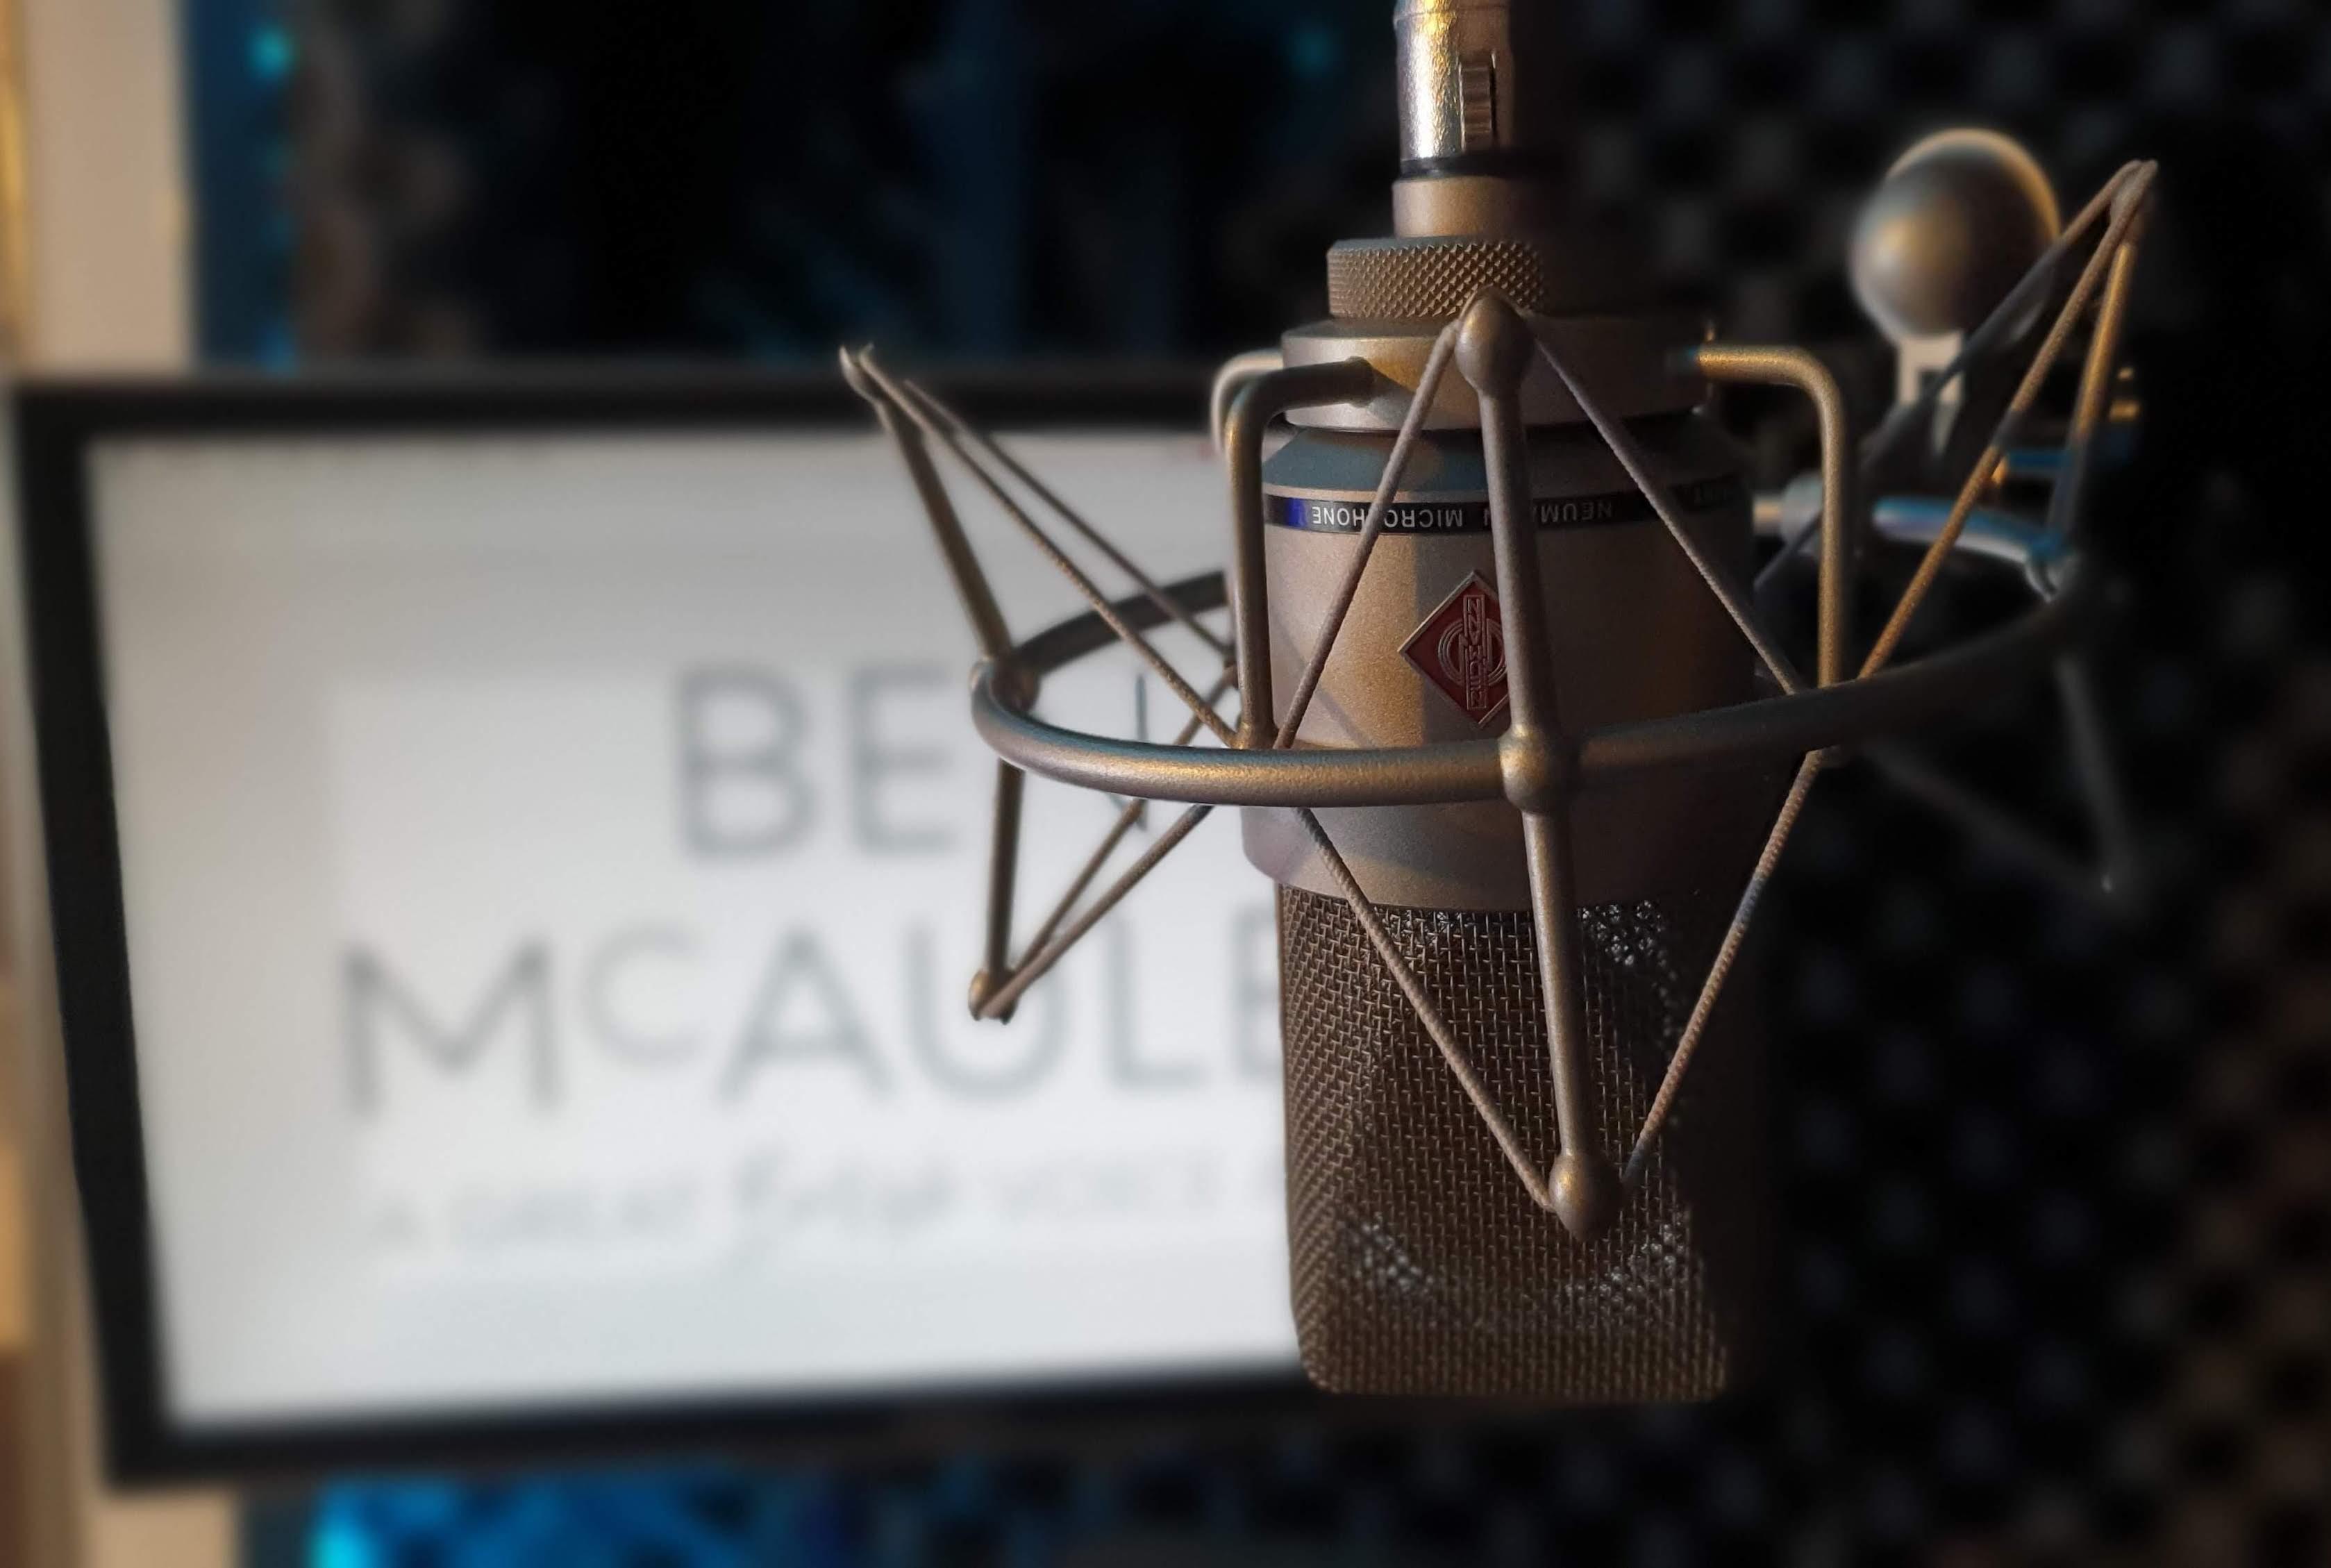 Ben McAuley Voiceover Studio Finder